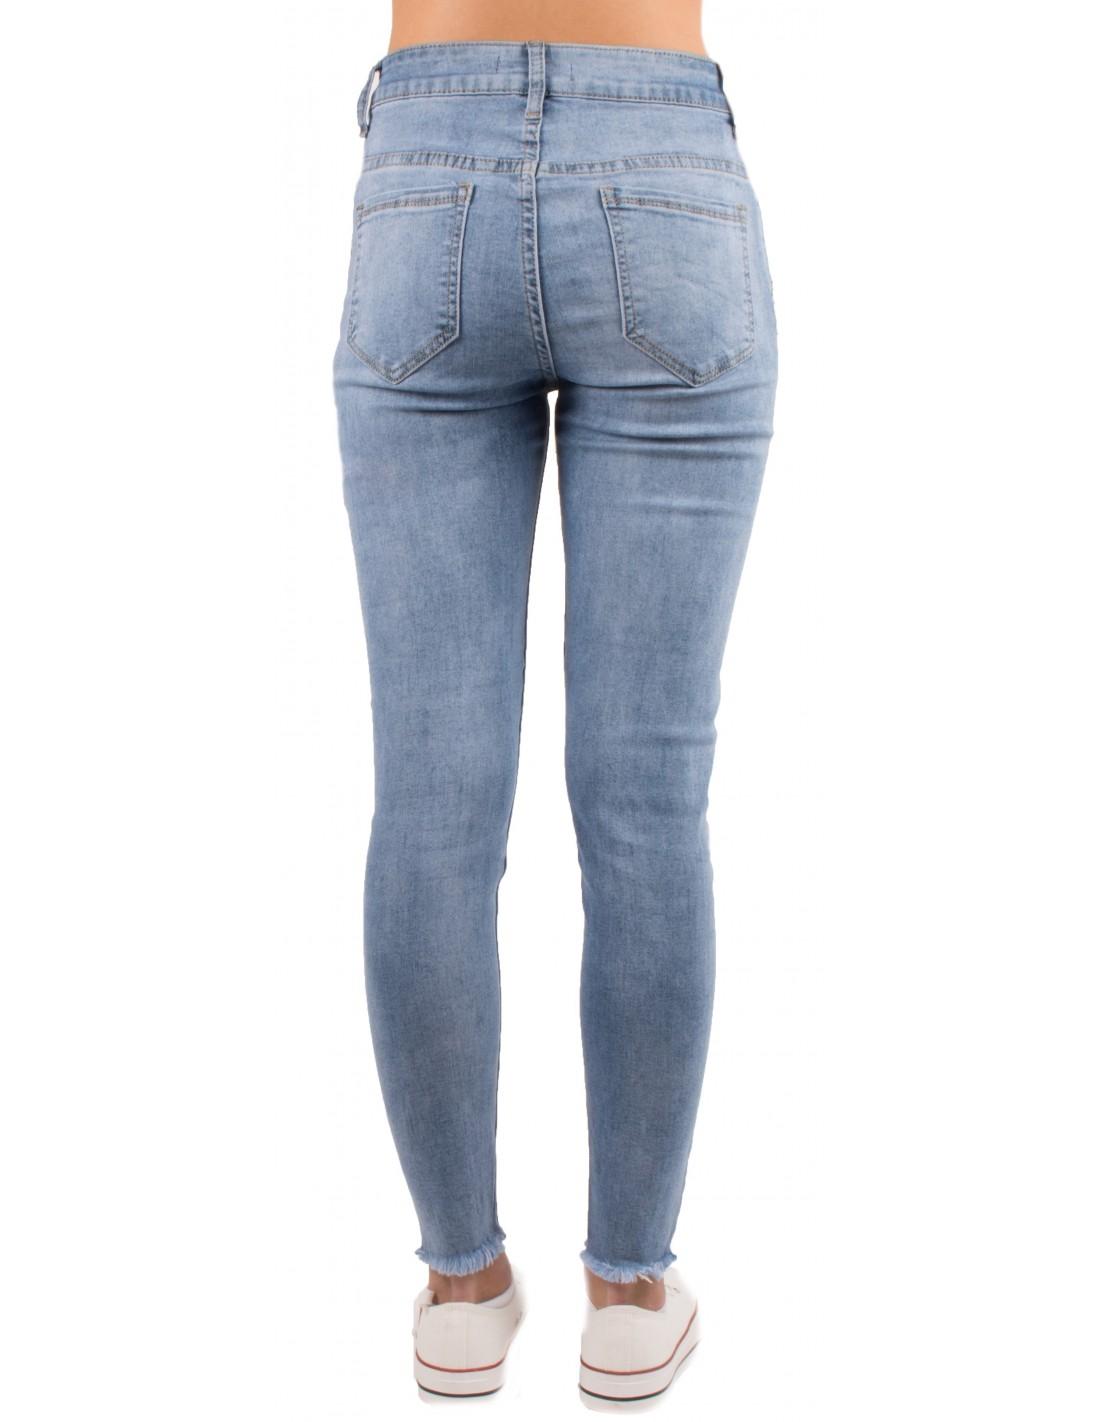 Jean slim bleu clair femme taille haute dégradé   franges cheville 08f1a65ddeee